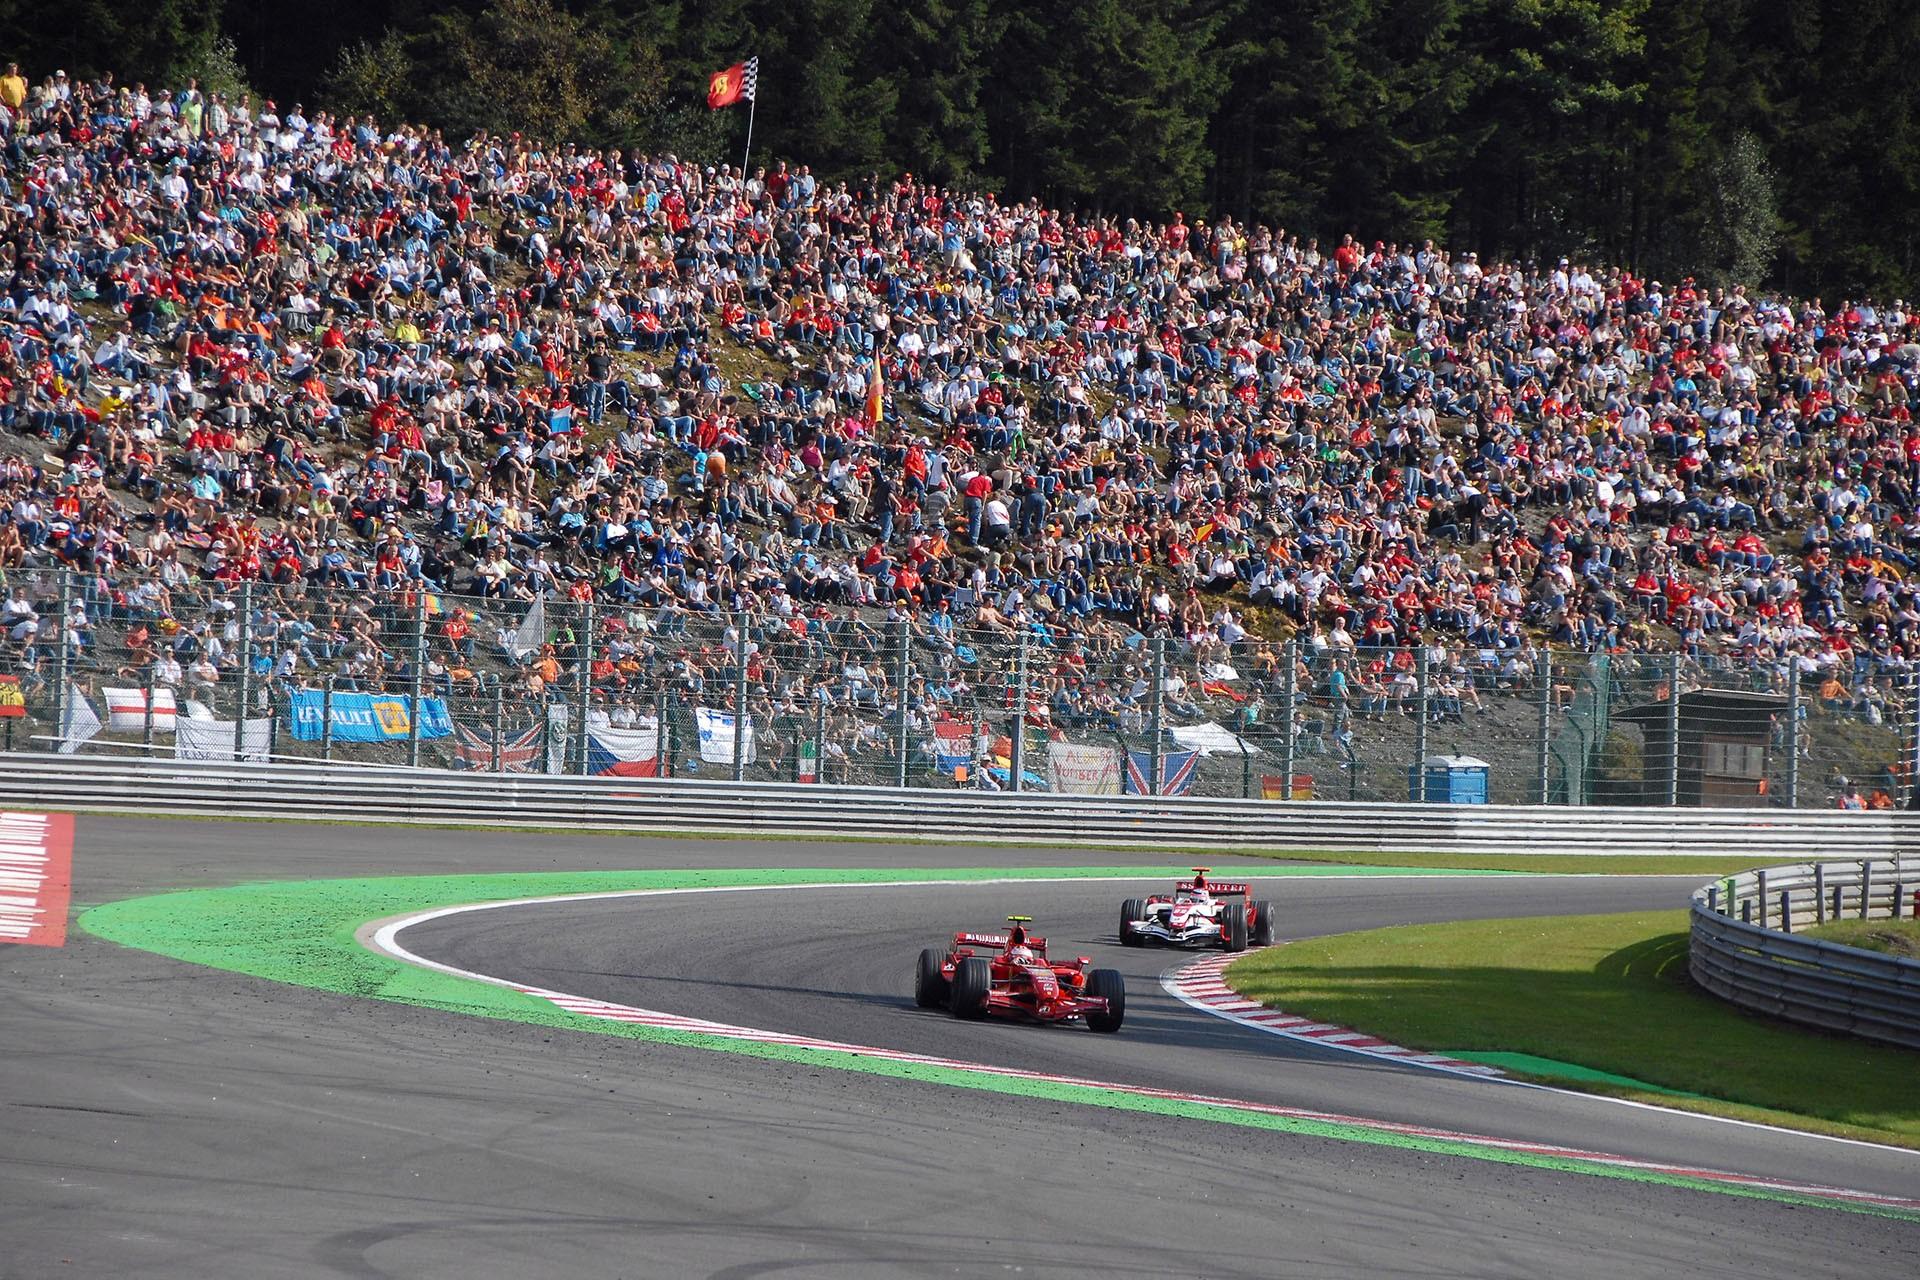 Formule 1 - Spa-Francorchamps